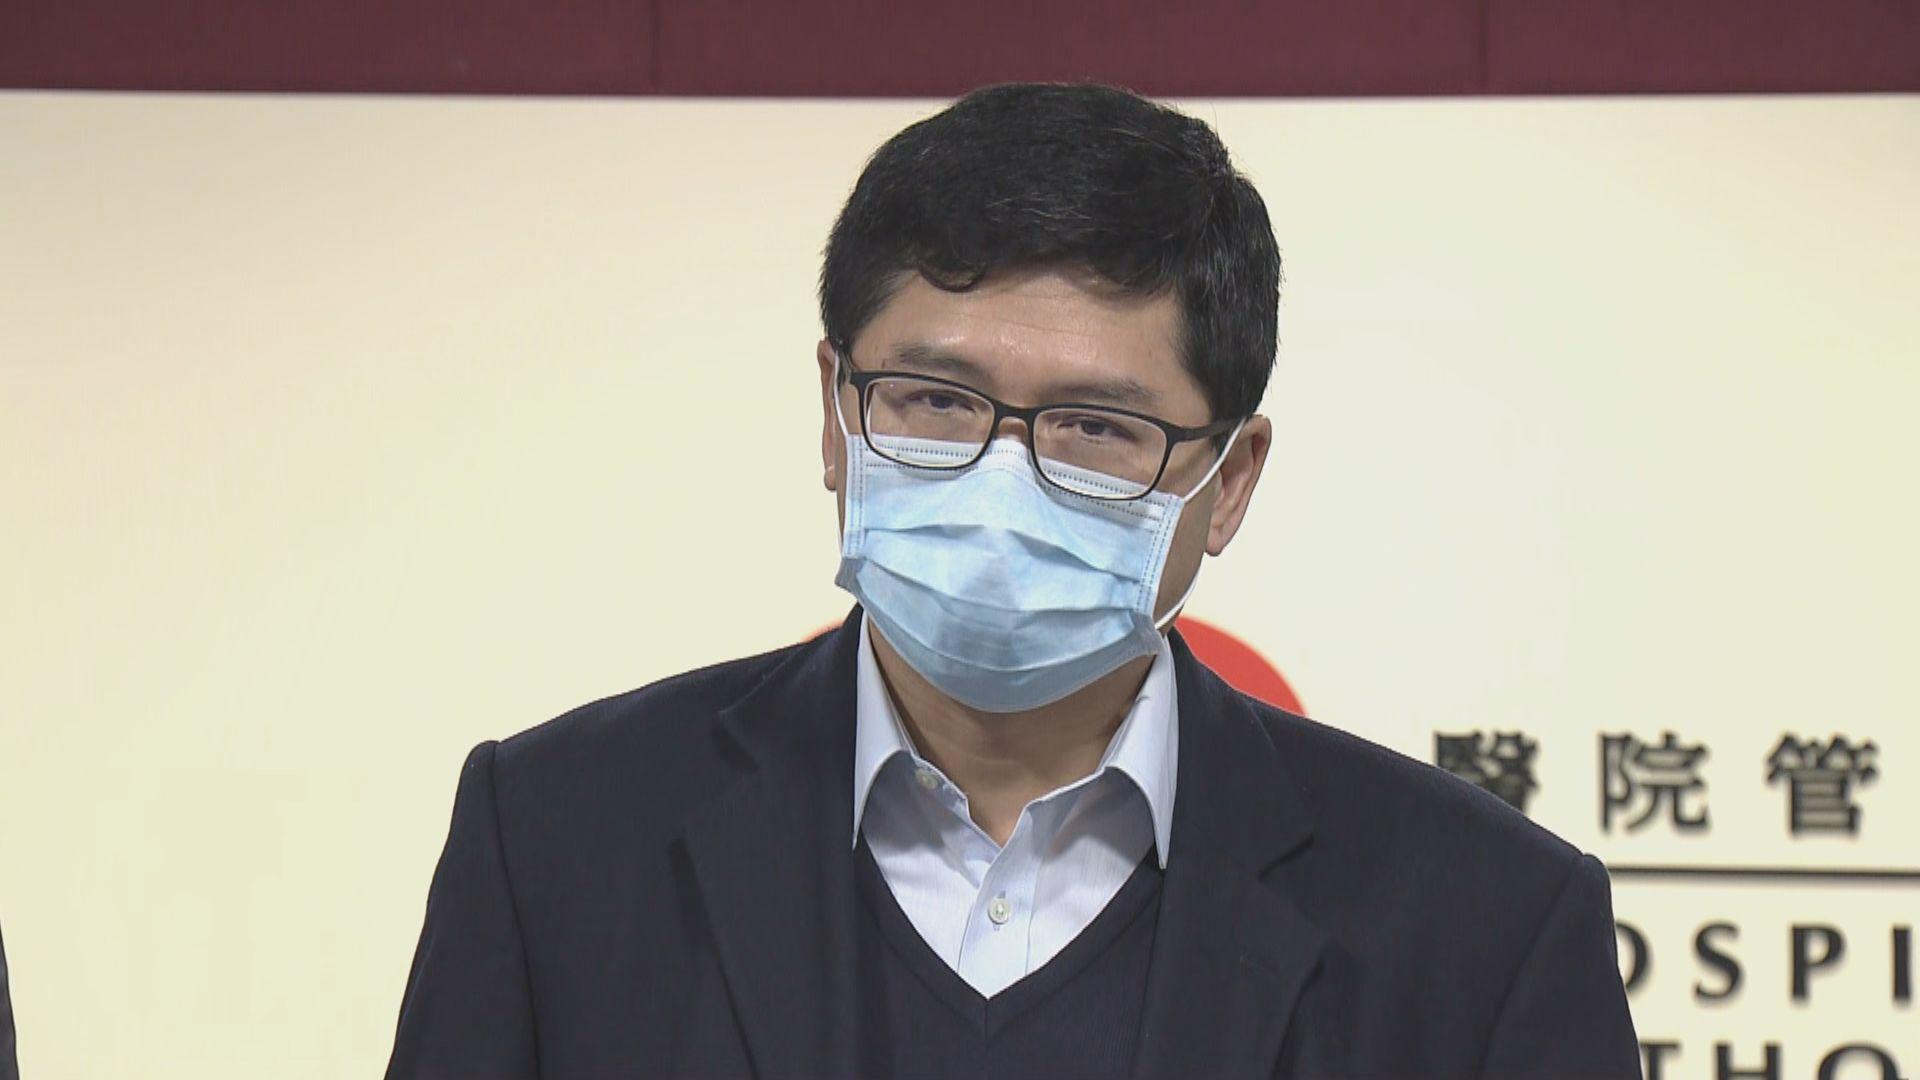 醫管局高拔陞:病床壓力大 正改裝普通病床作二線隔離